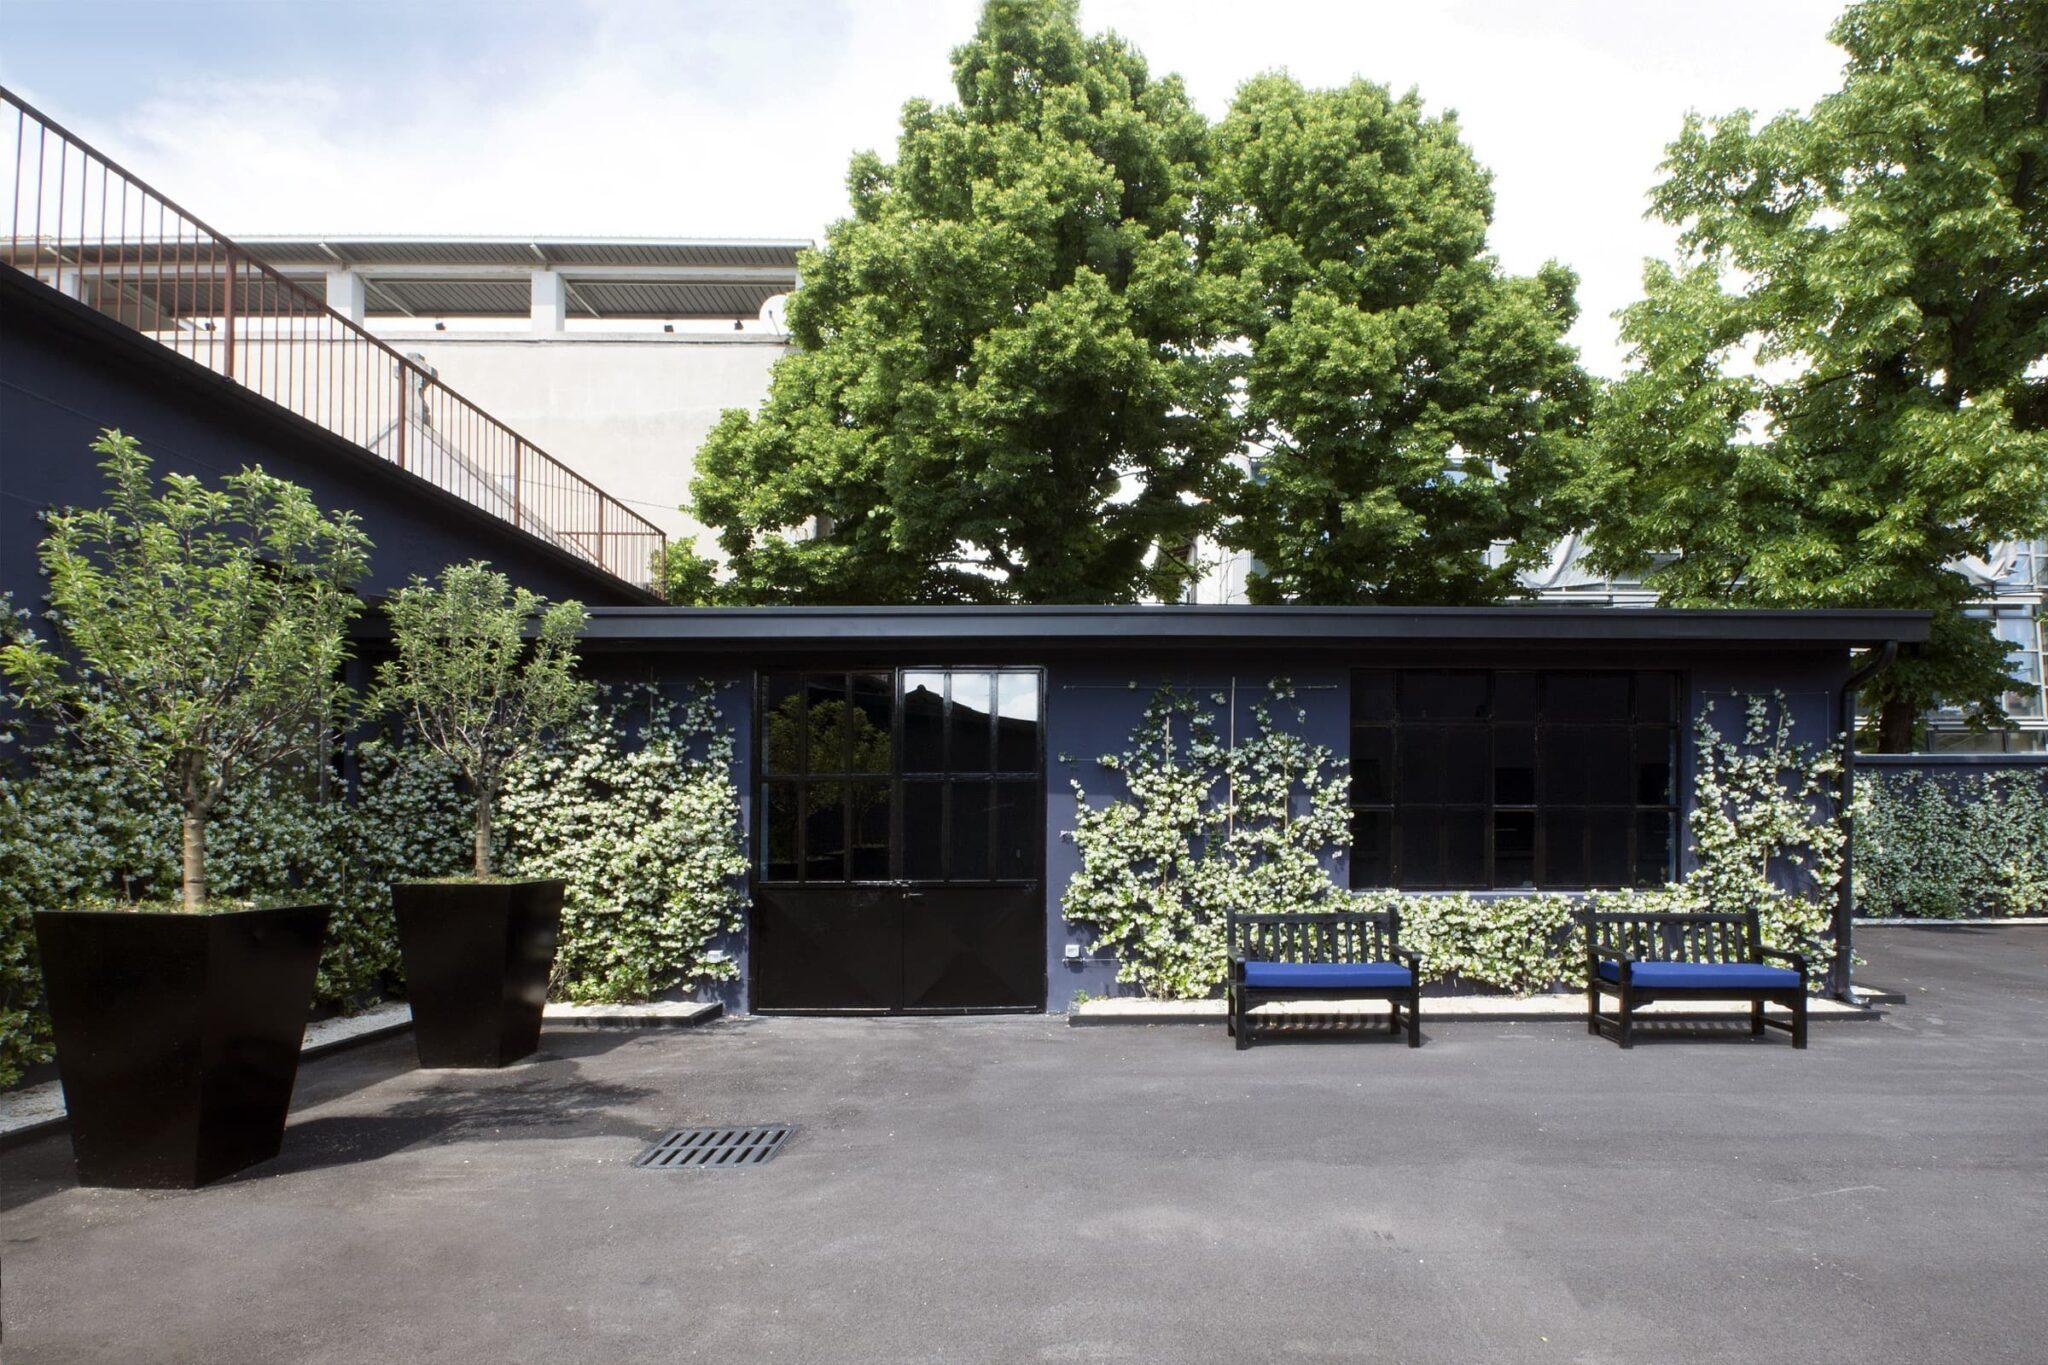 DoppiaA svela il nuovo headquarter a Brescia